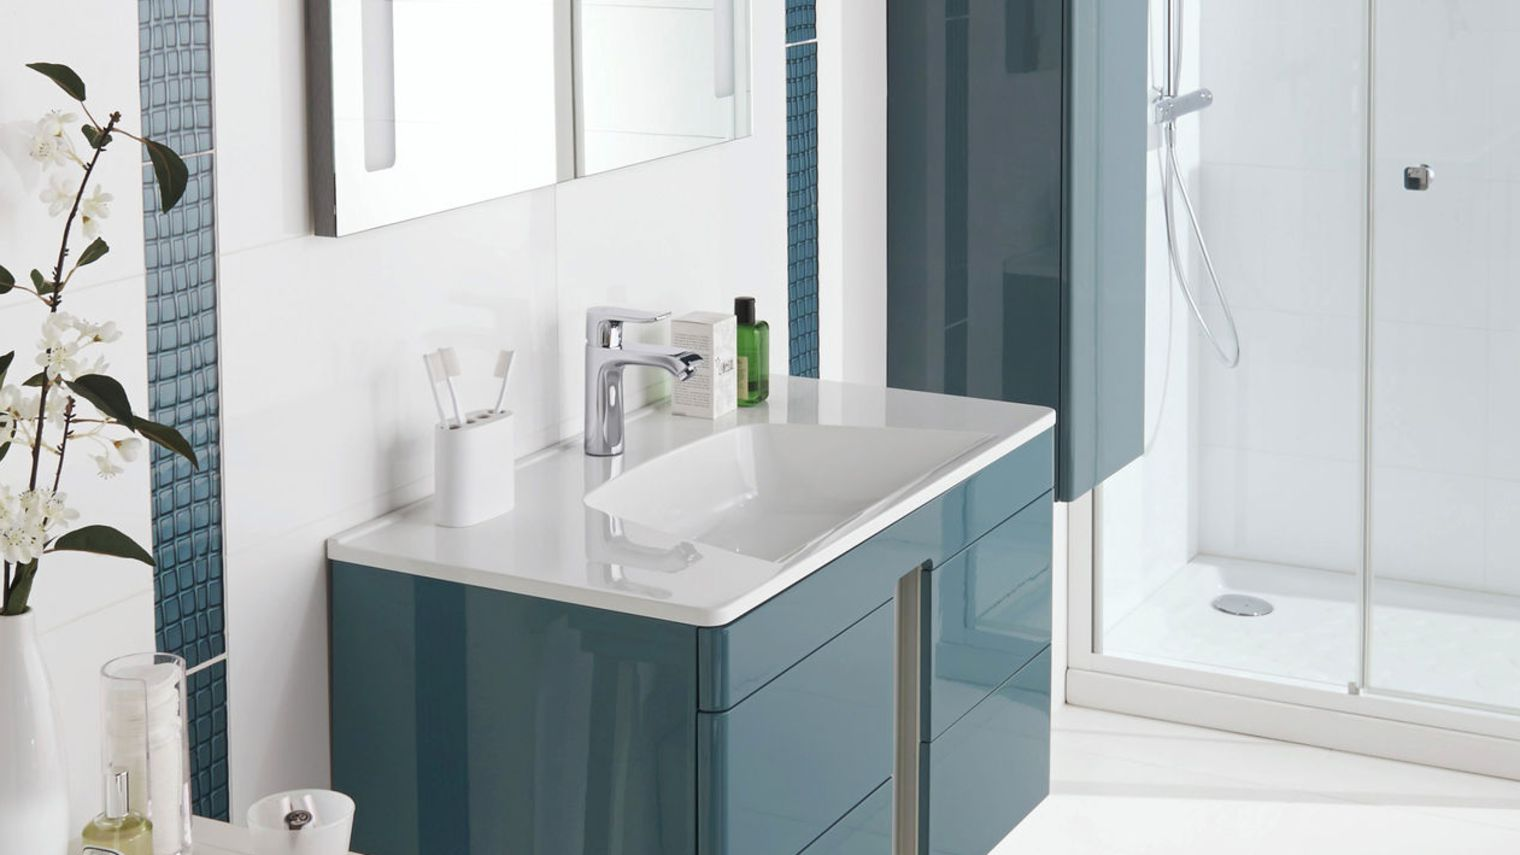 Meuble salle de bains lapeyre - Salles de bain lapeyre ...